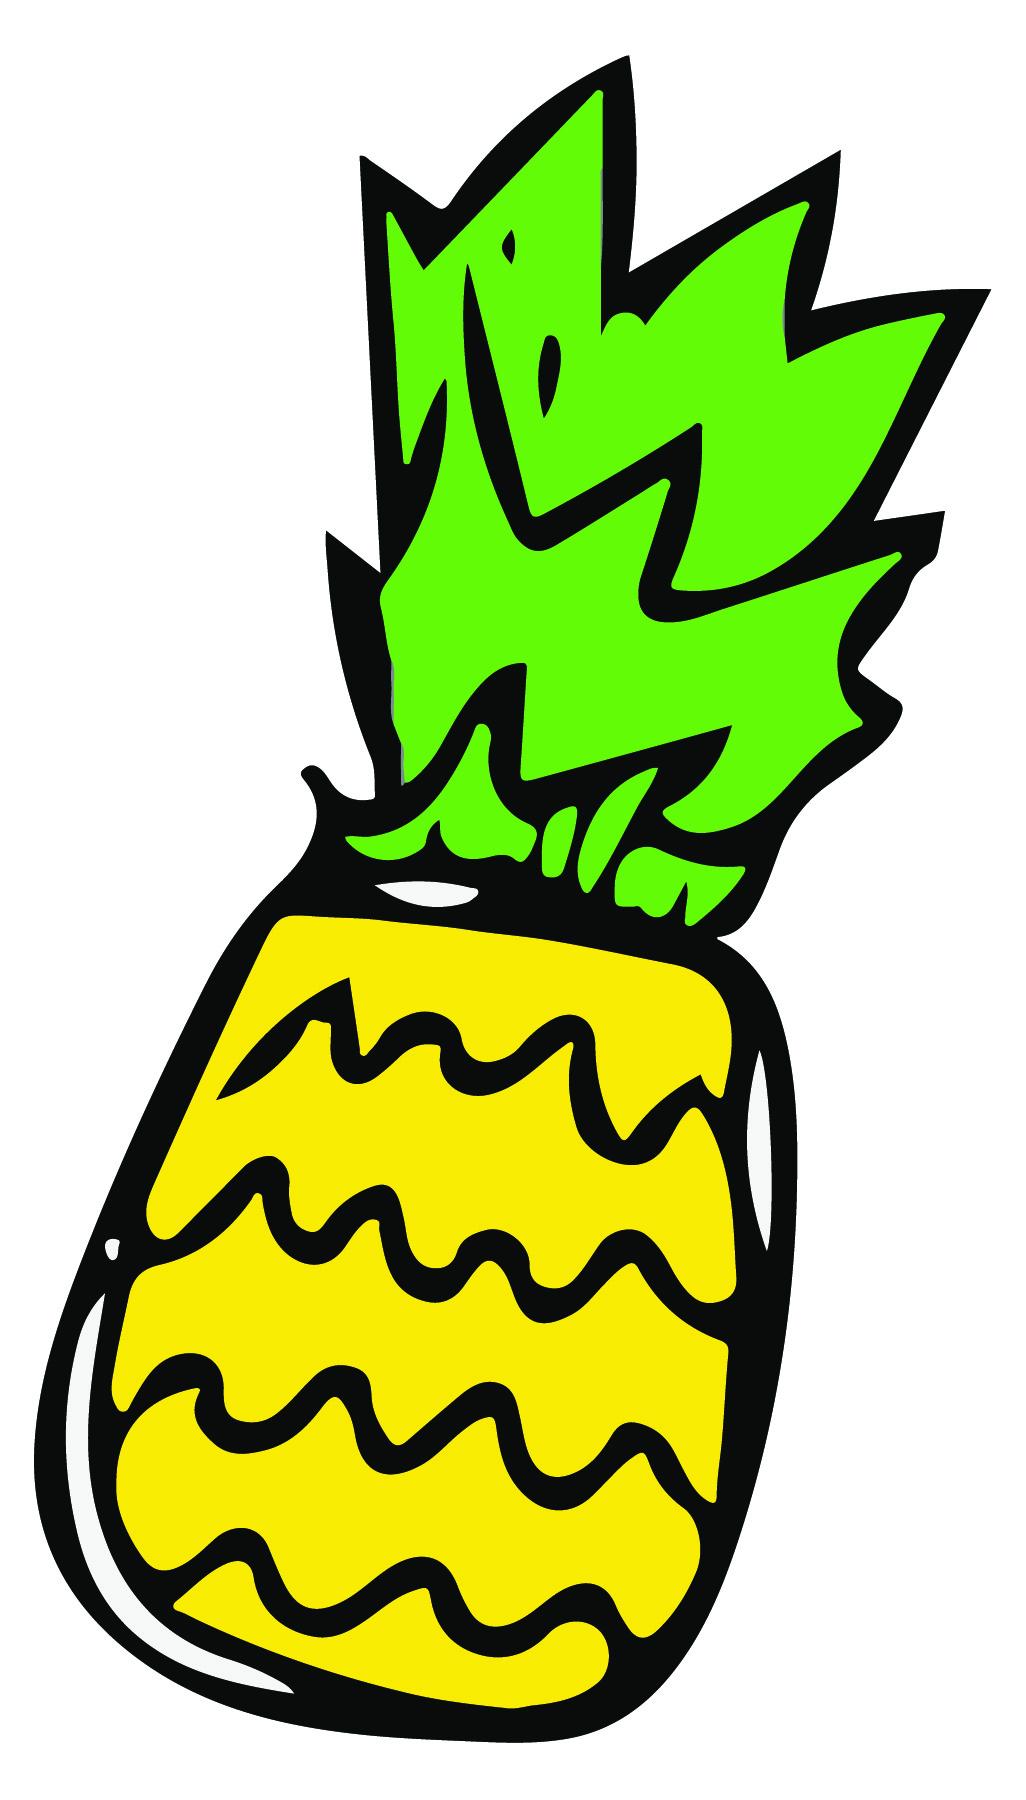 Pineapple Sketch.jpg